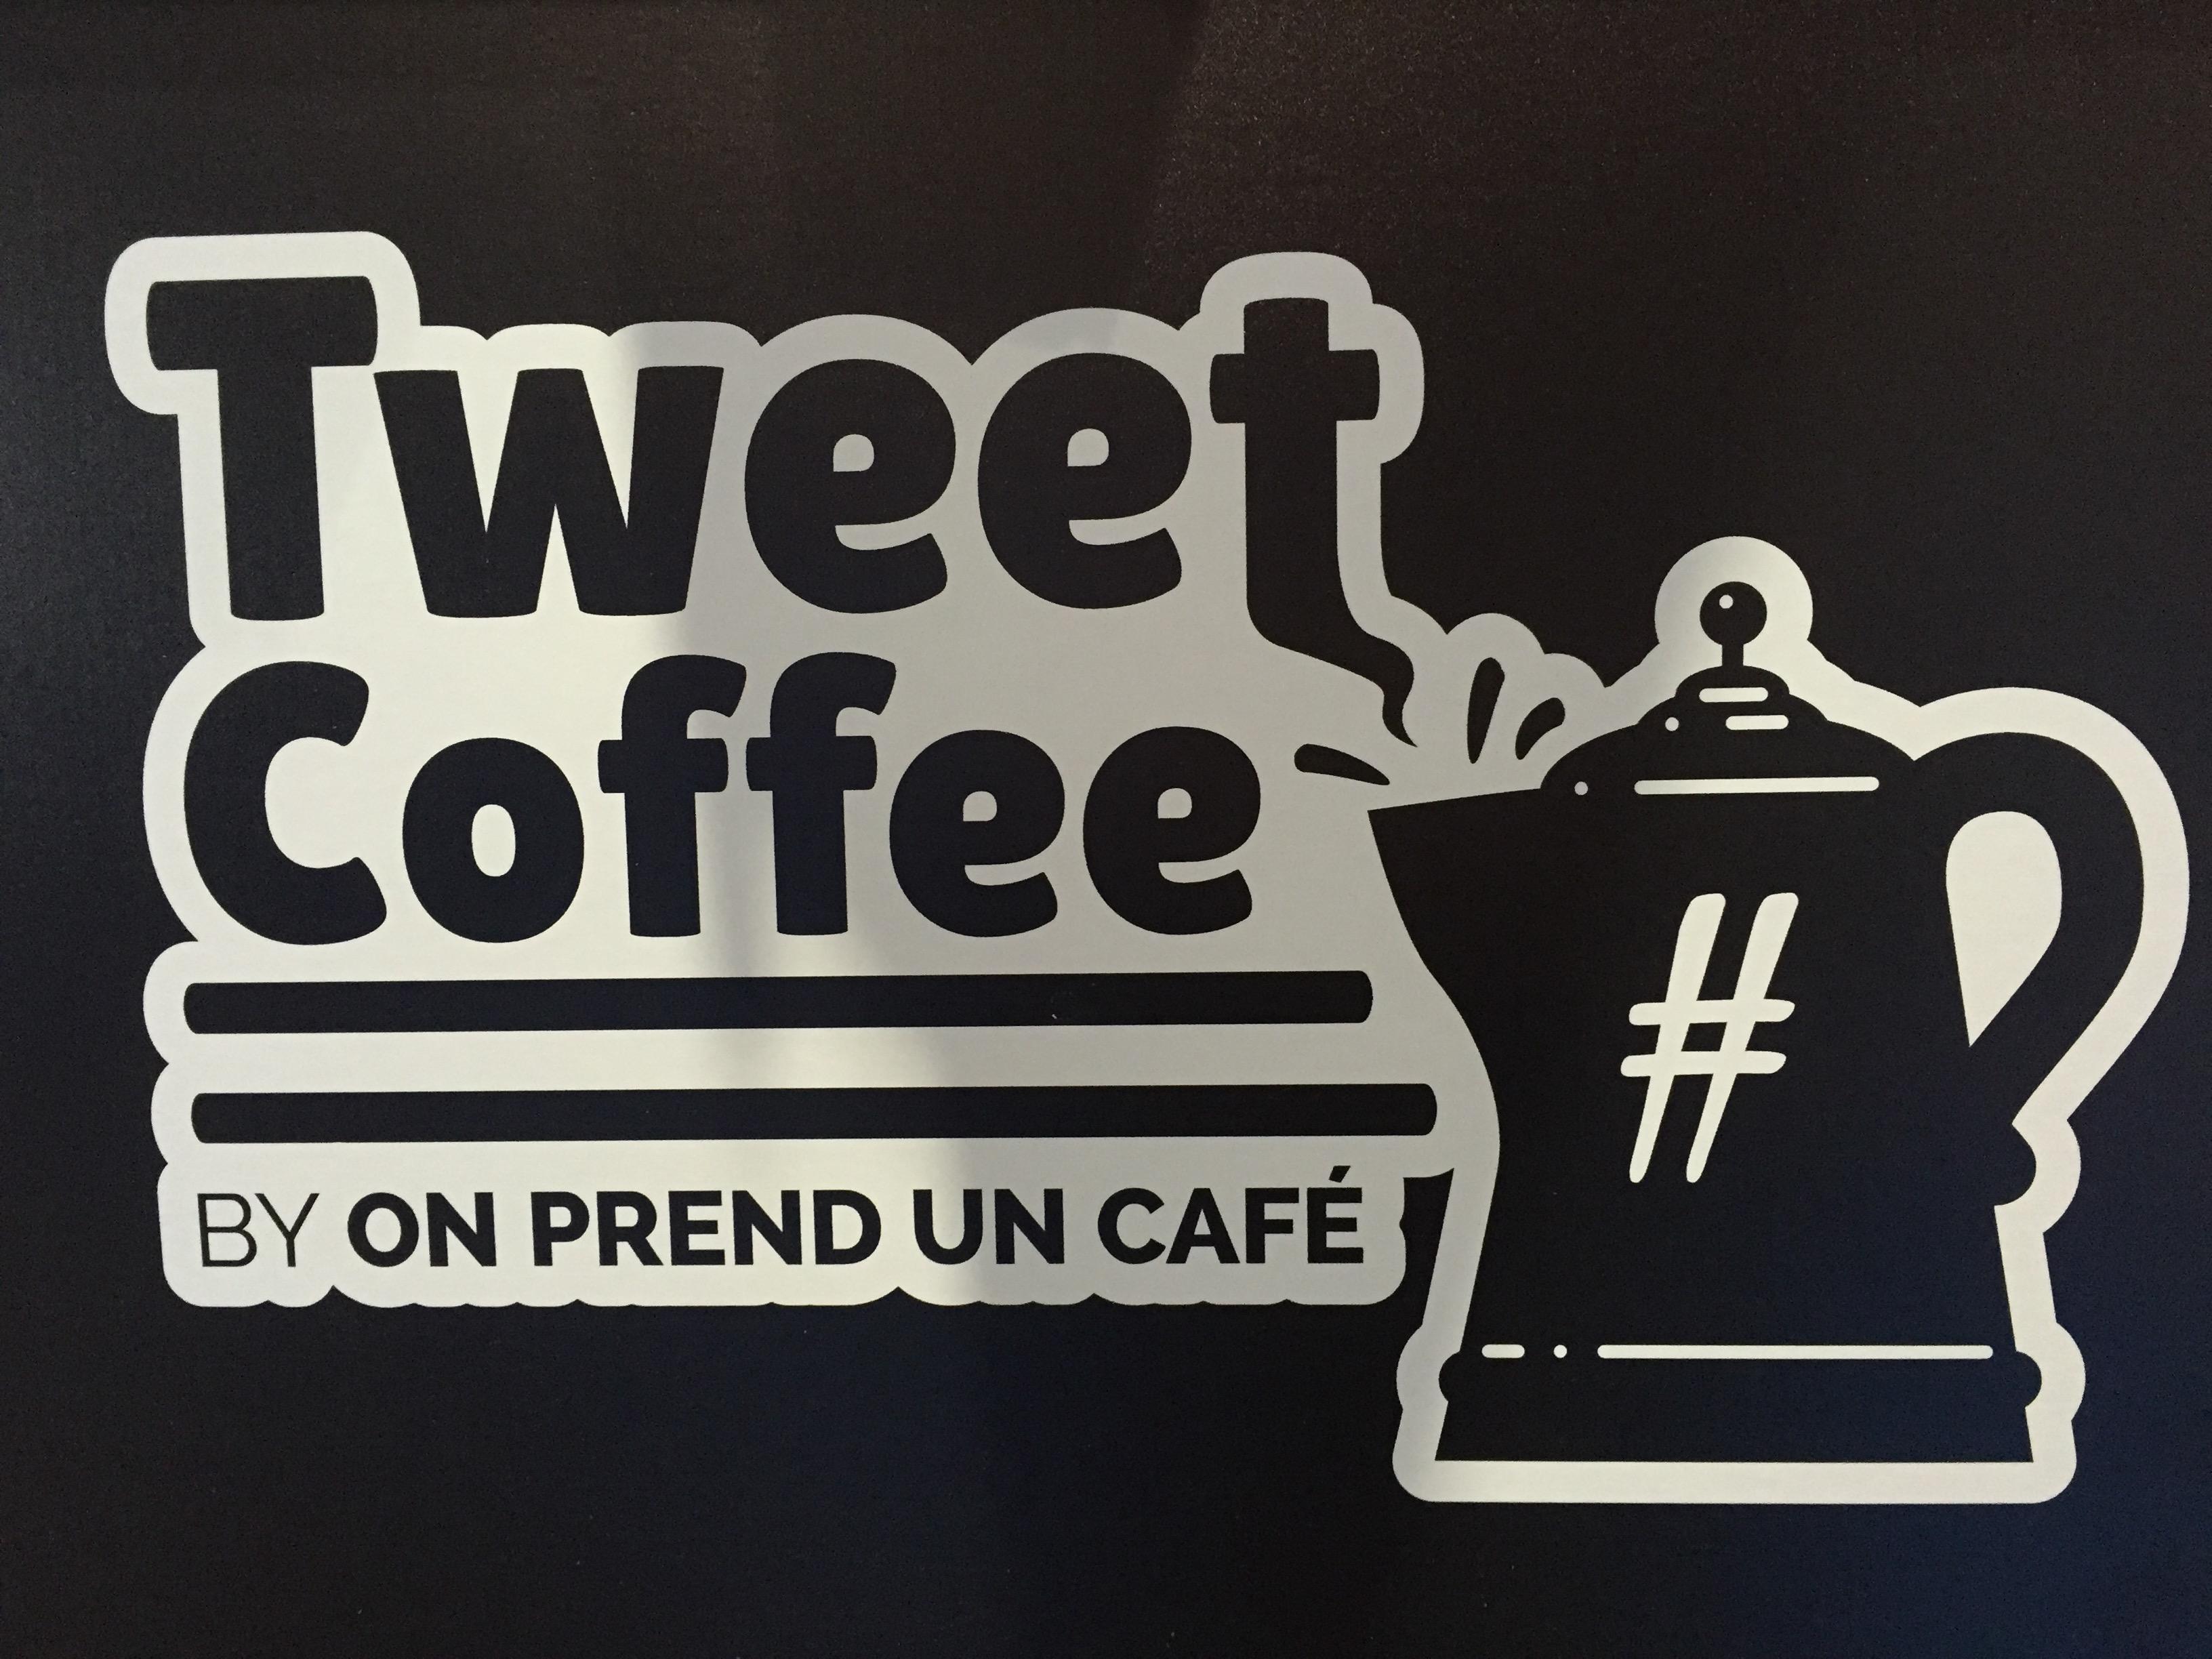 tweetcoffee